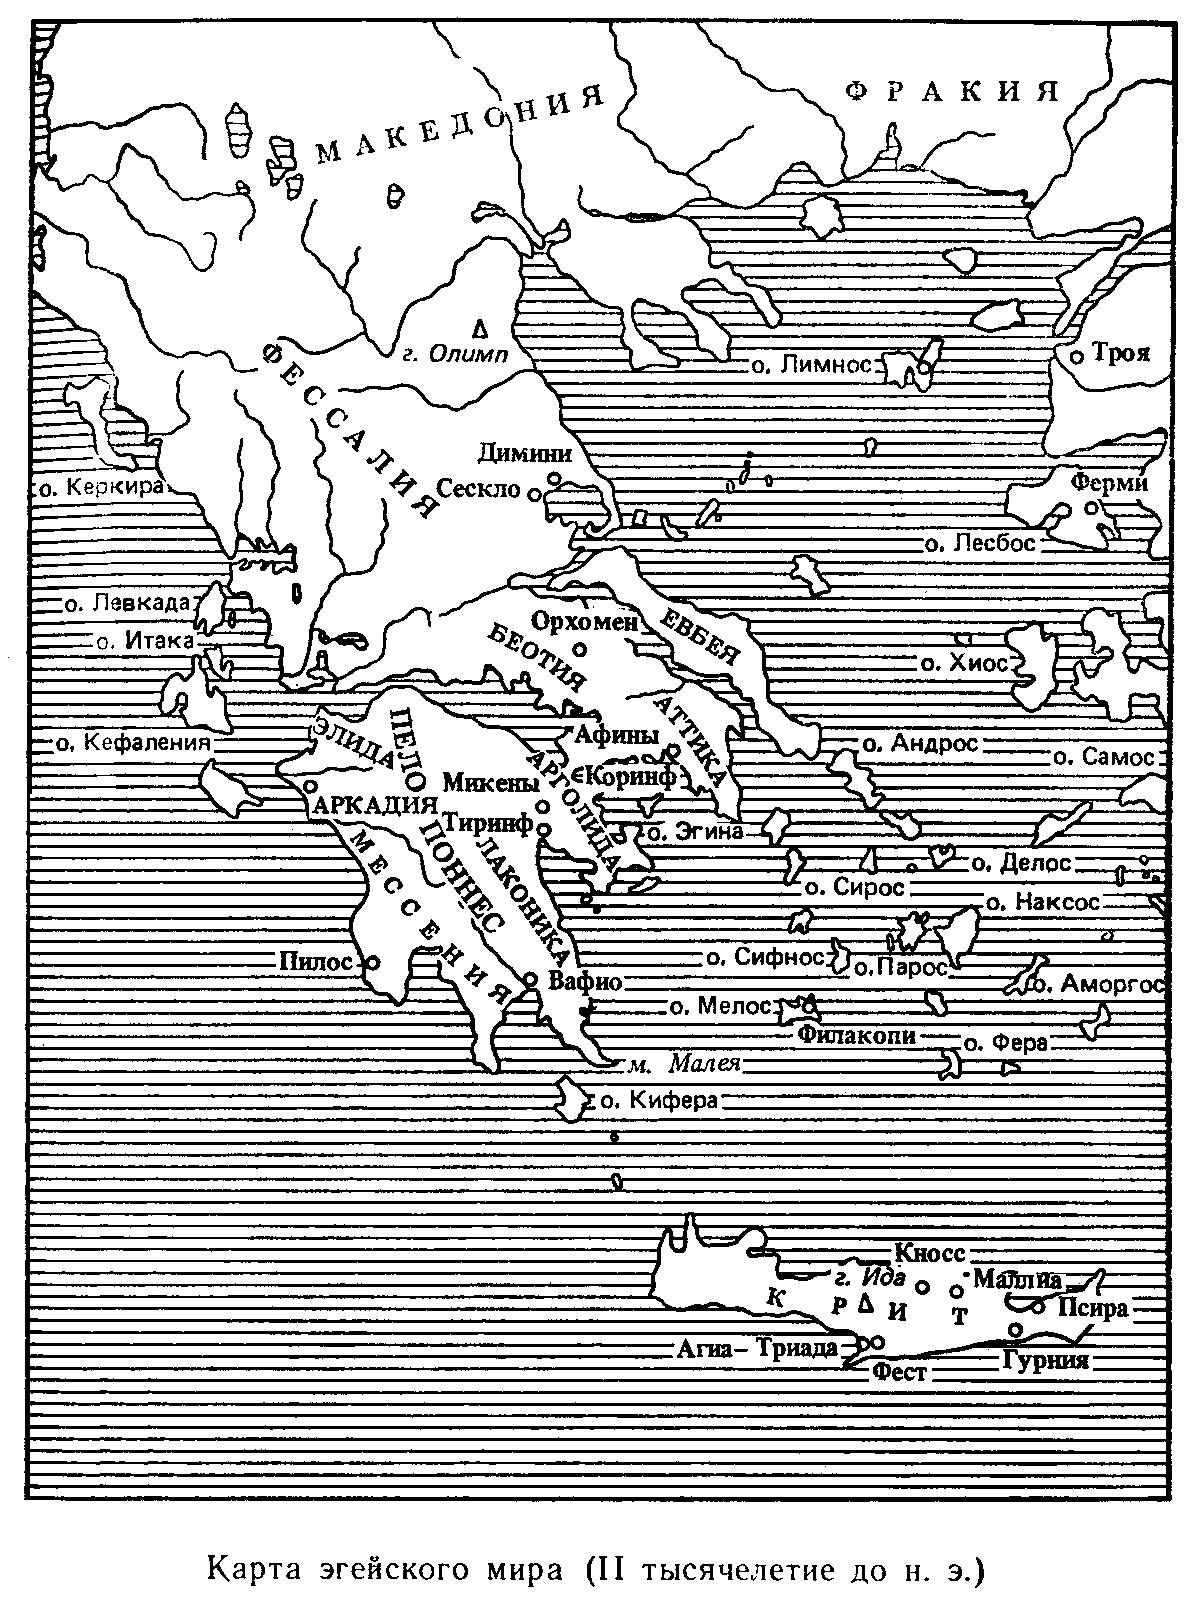 Карта эгейского мира ii тысячелетие до